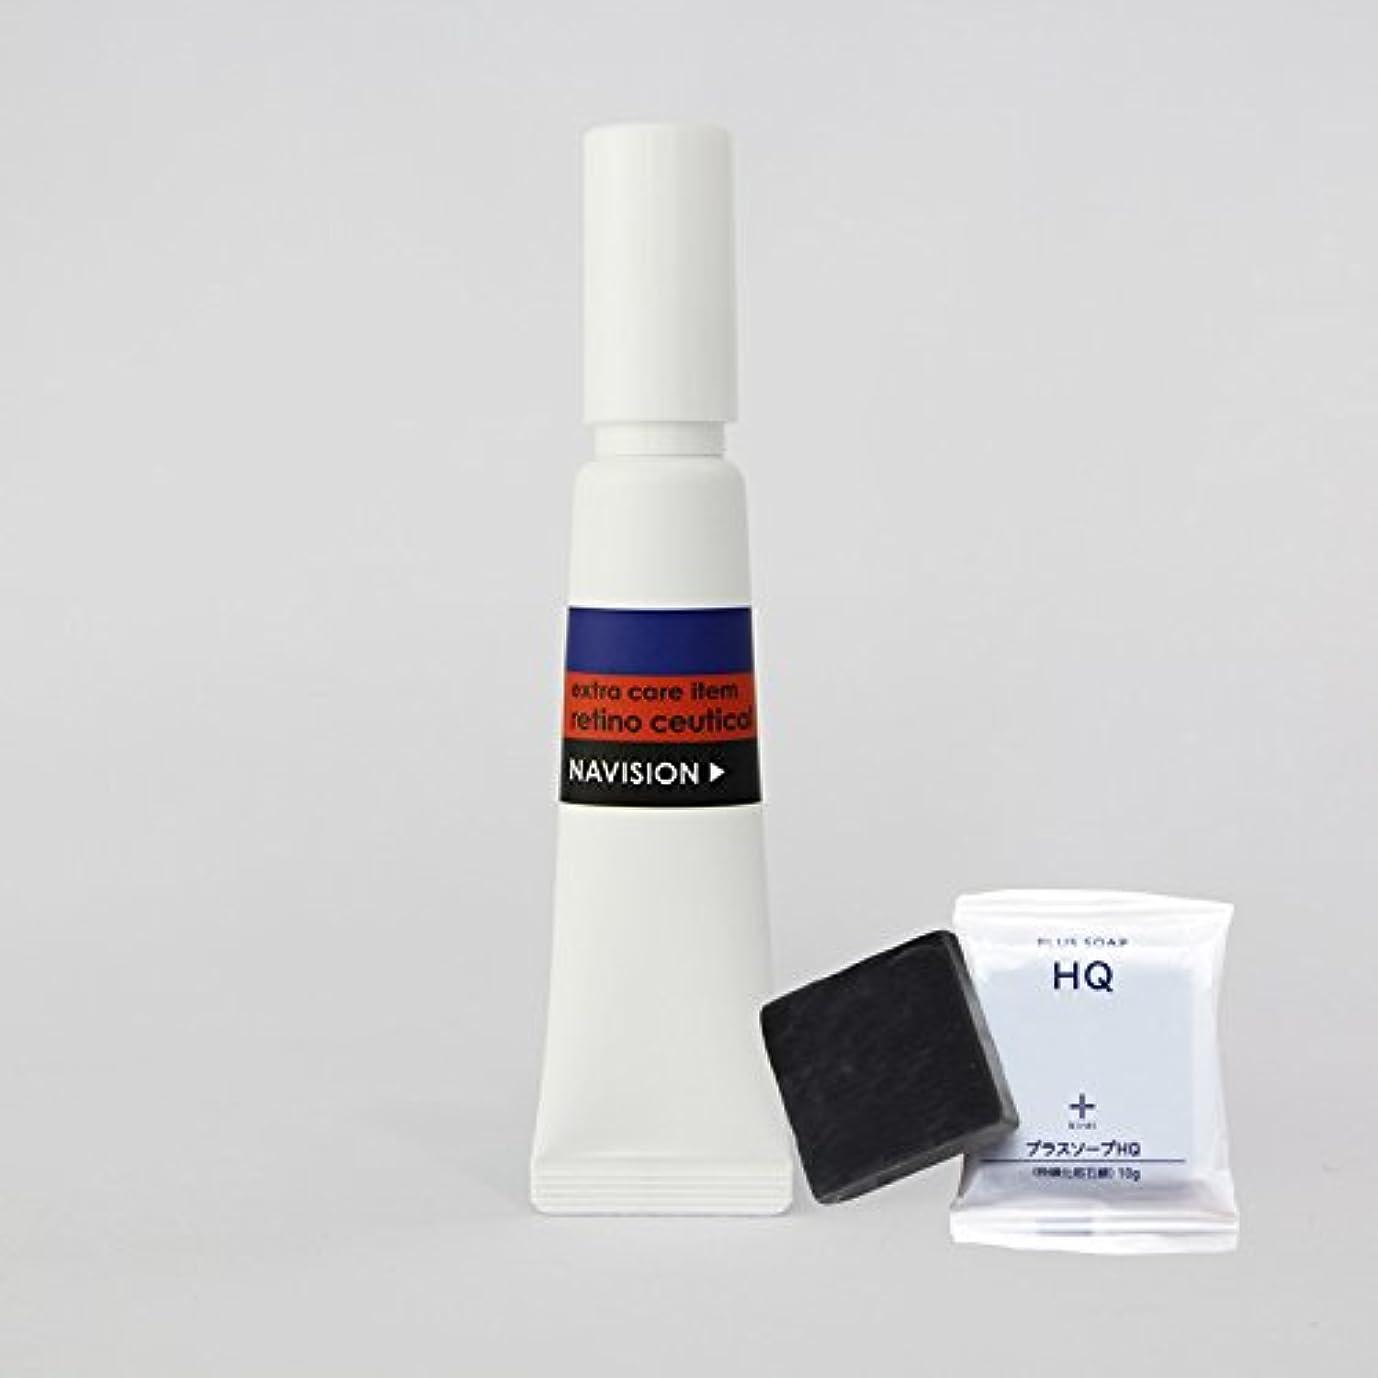 責めミント浮浪者ナビジョン NAVISION レチノシューティカル 15g (医薬部外品) + プラスキレイ プラスソープHQミニ